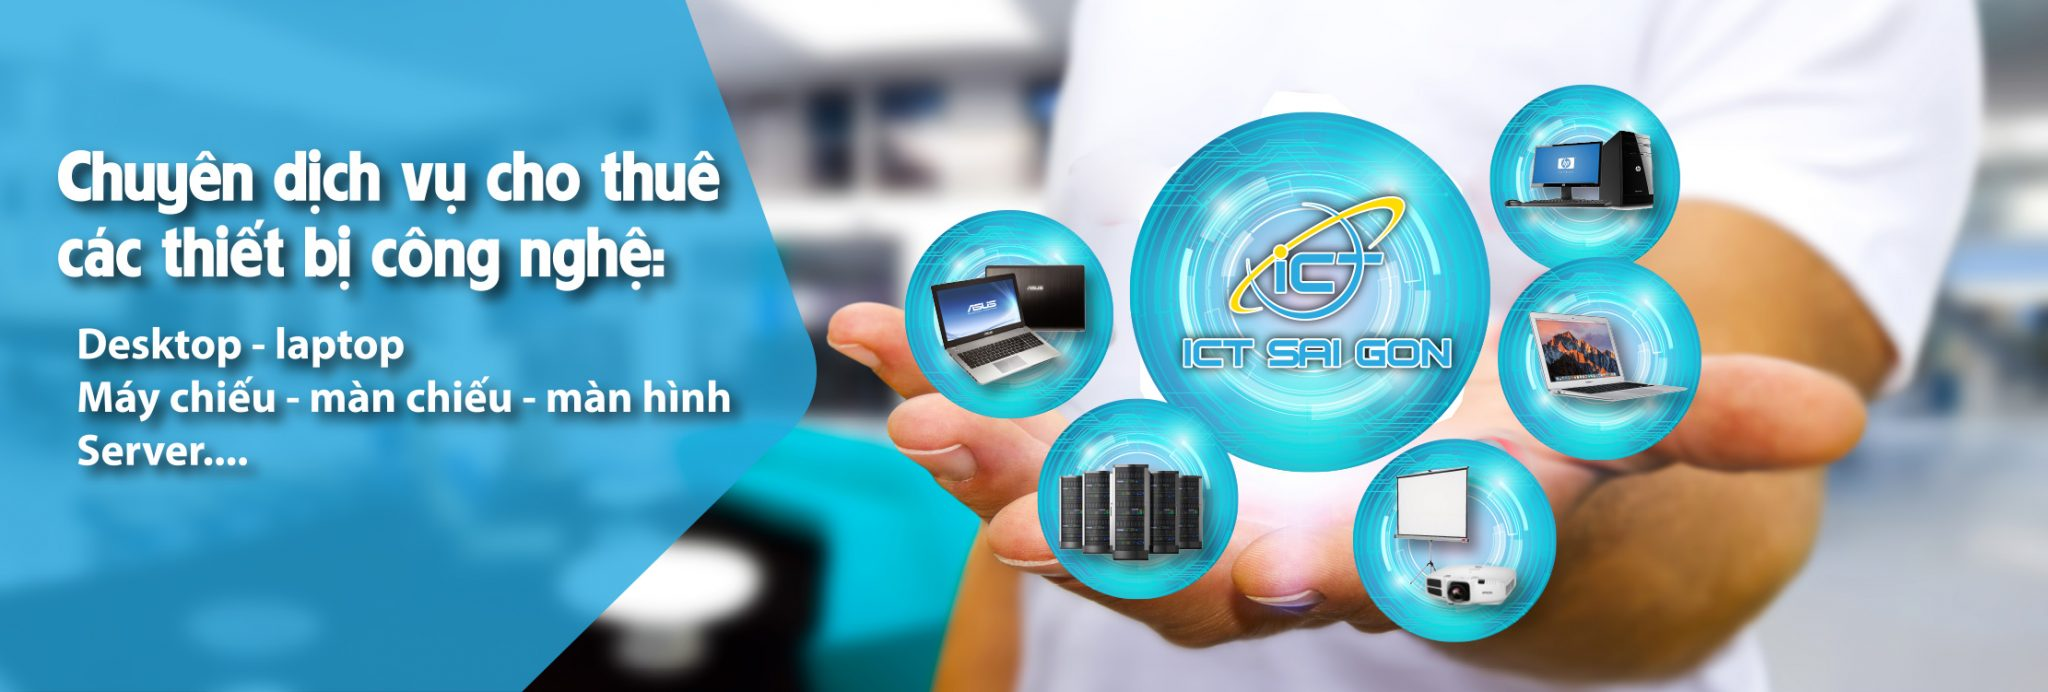 dịch vụ cho thuê thiết bị CNTT